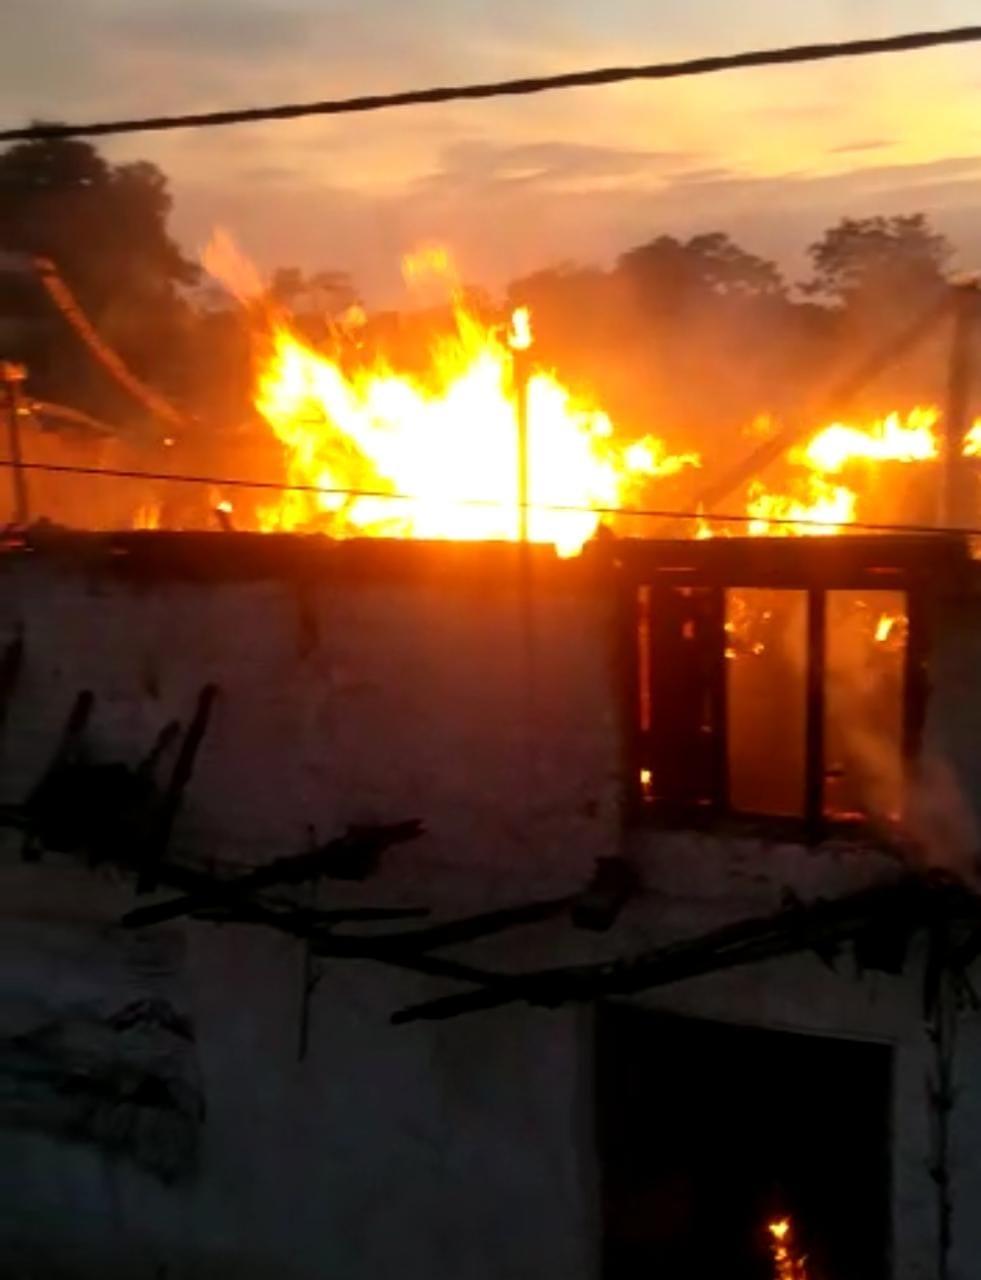 खाना बनाते समय लगी आग, ग्राम कोटवार का घर खाक; एक घंटे बाद पहुंची फायर ब्रिगेड ने पाया काबू होशंगाबाद,Hoshangabad - Dainik Bhaskar